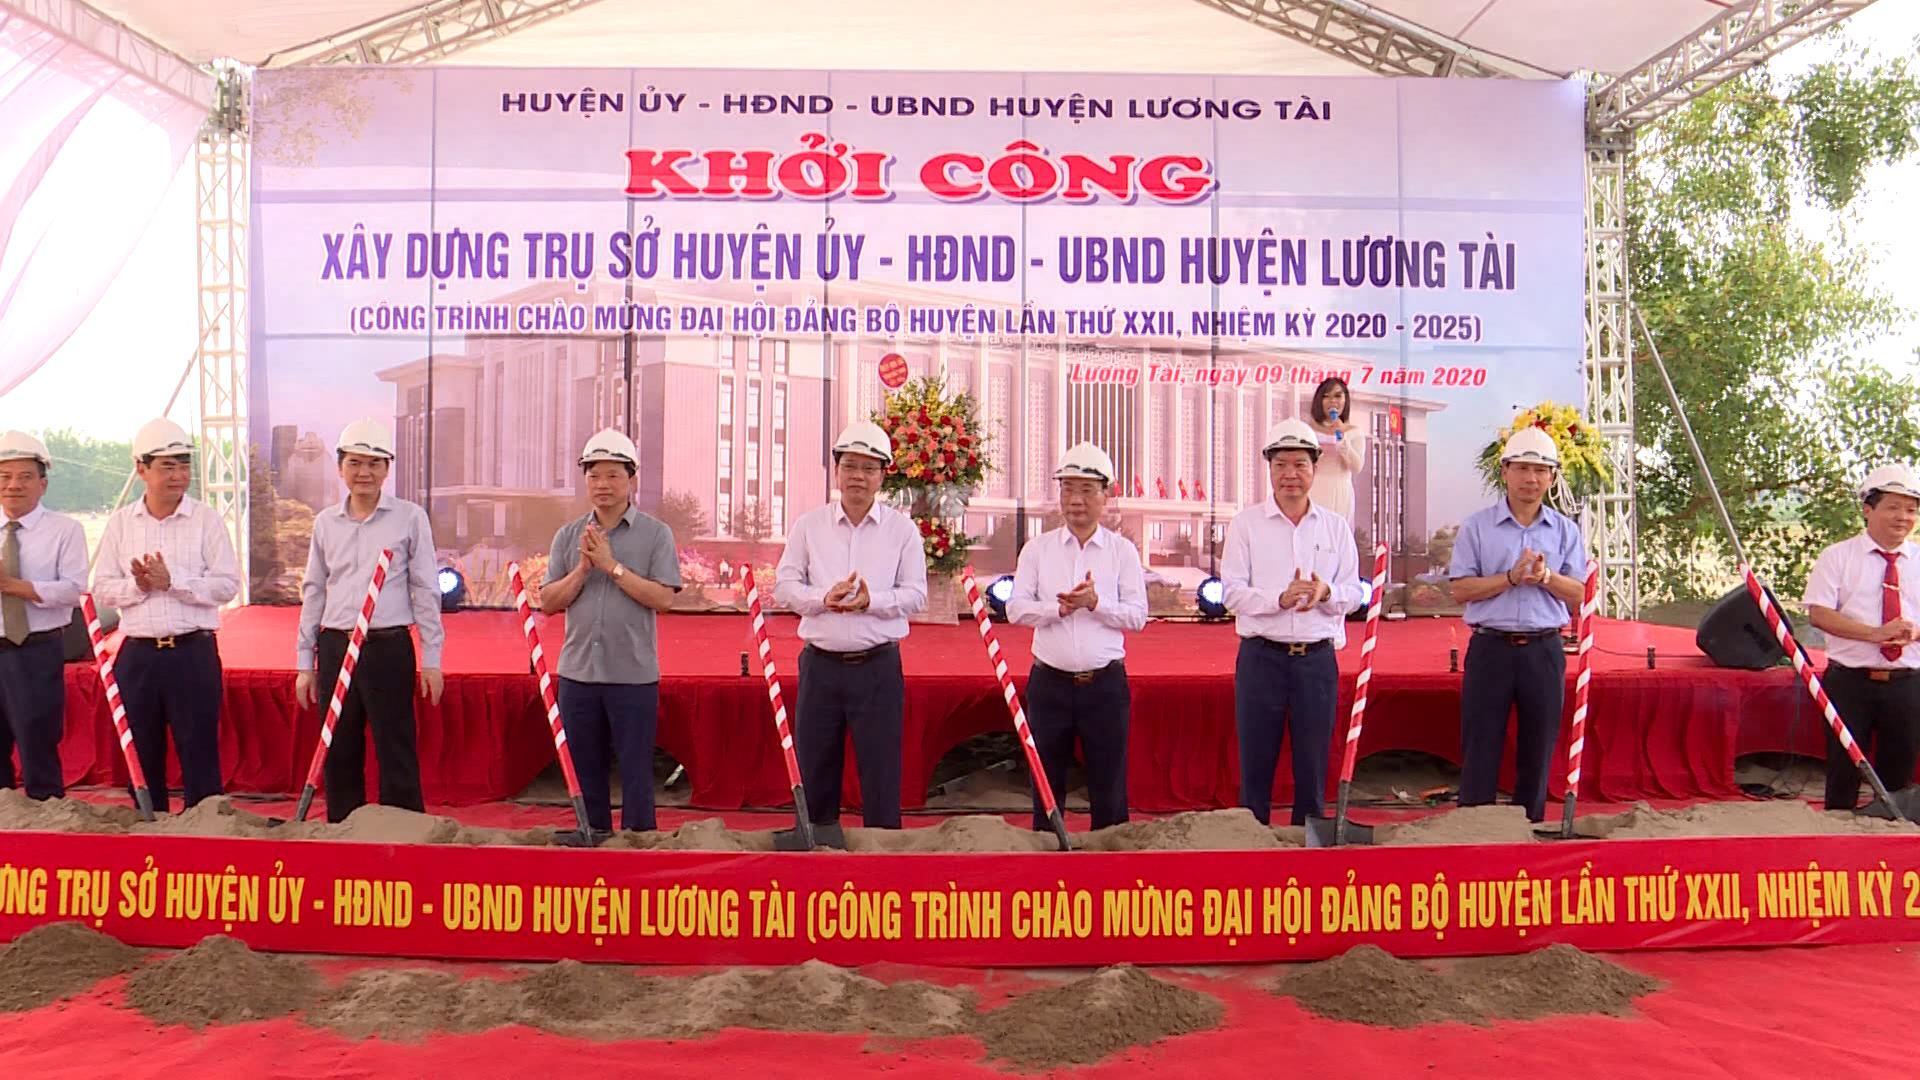 Khởi công xây dựng trụ sở Huyện ủy –HĐND-UBND huyện Lương Tài